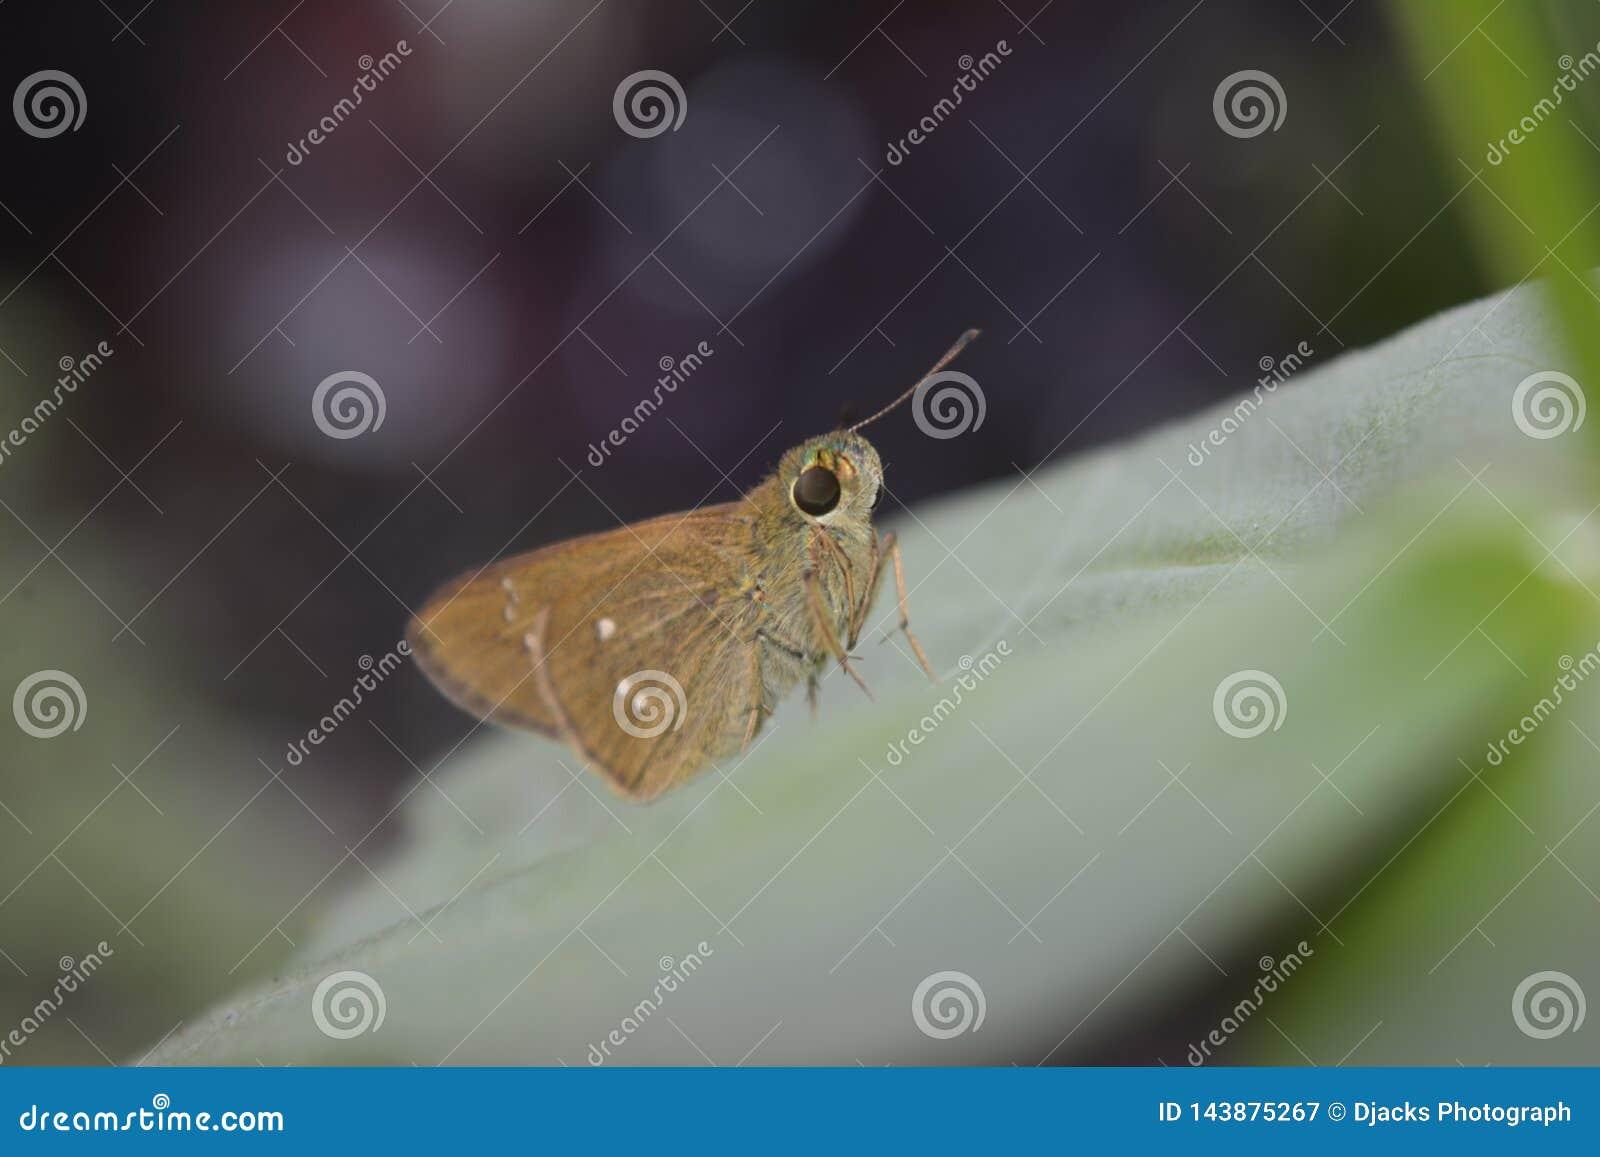 Piccola farfalla marrone